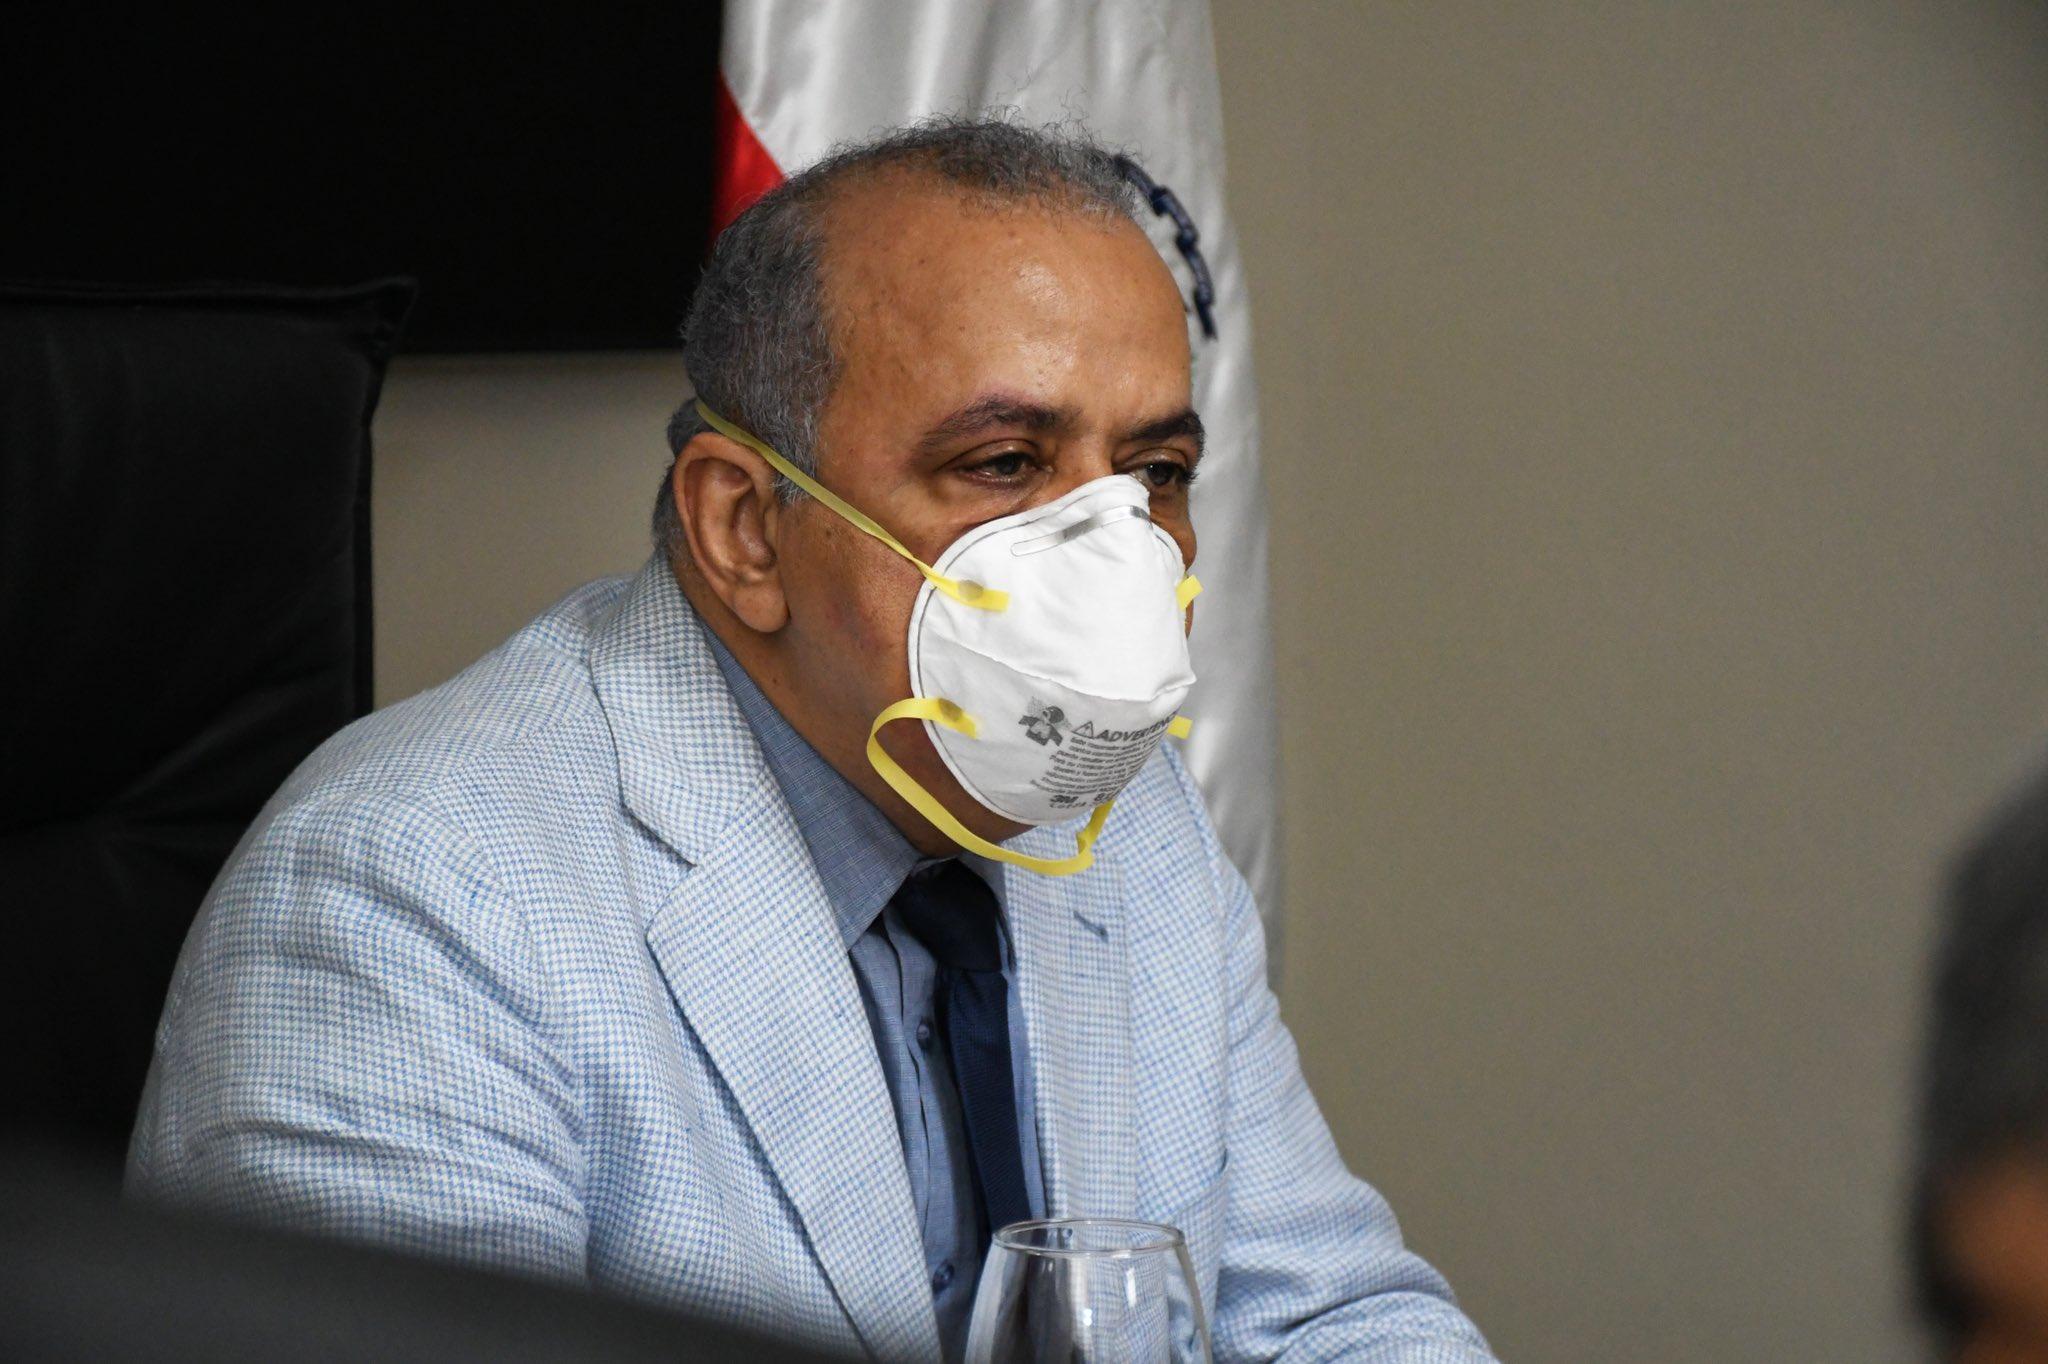 VIDEO | Ministro de salud asegura las medidas restrictivas serán más duras tras rebrote COVID-19